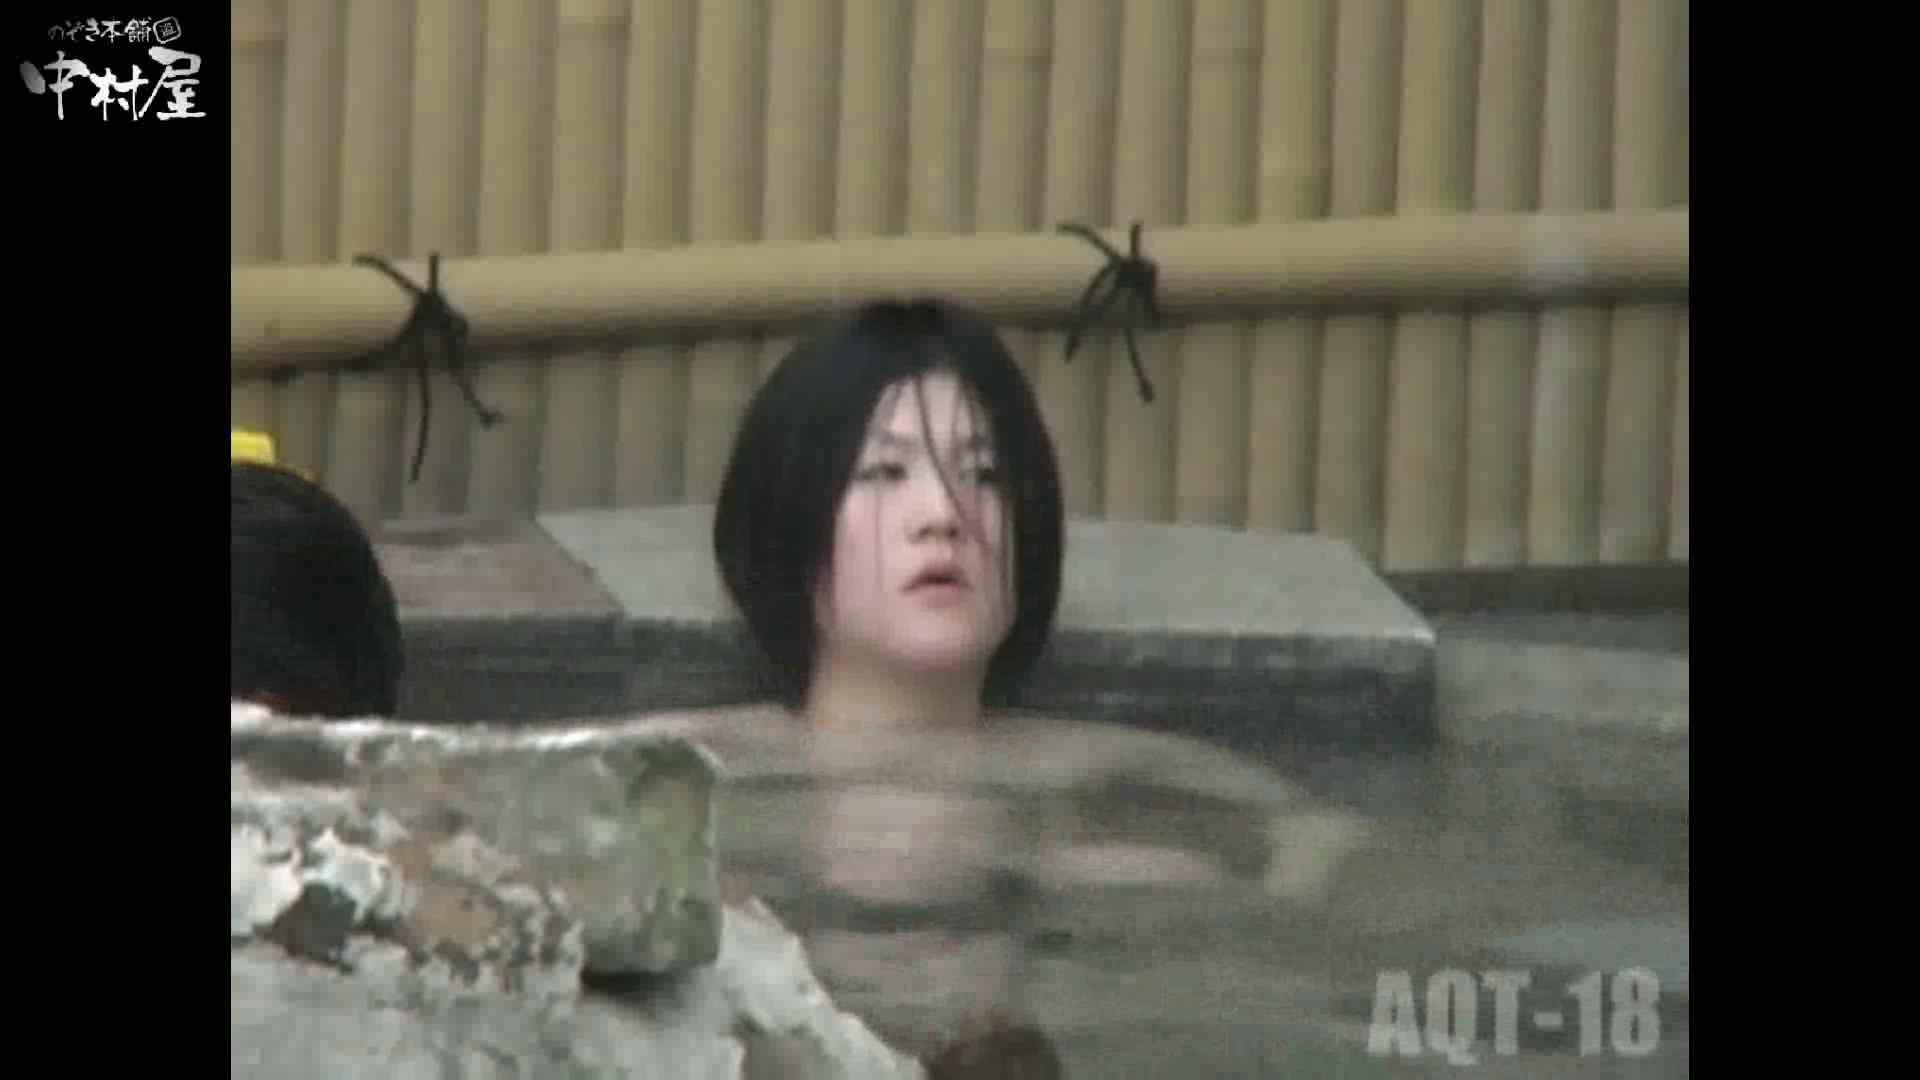 Aquaな露天風呂Vol.882潜入盗撮露天風呂十八判湯 其の五 盗撮映像  95Pix 62